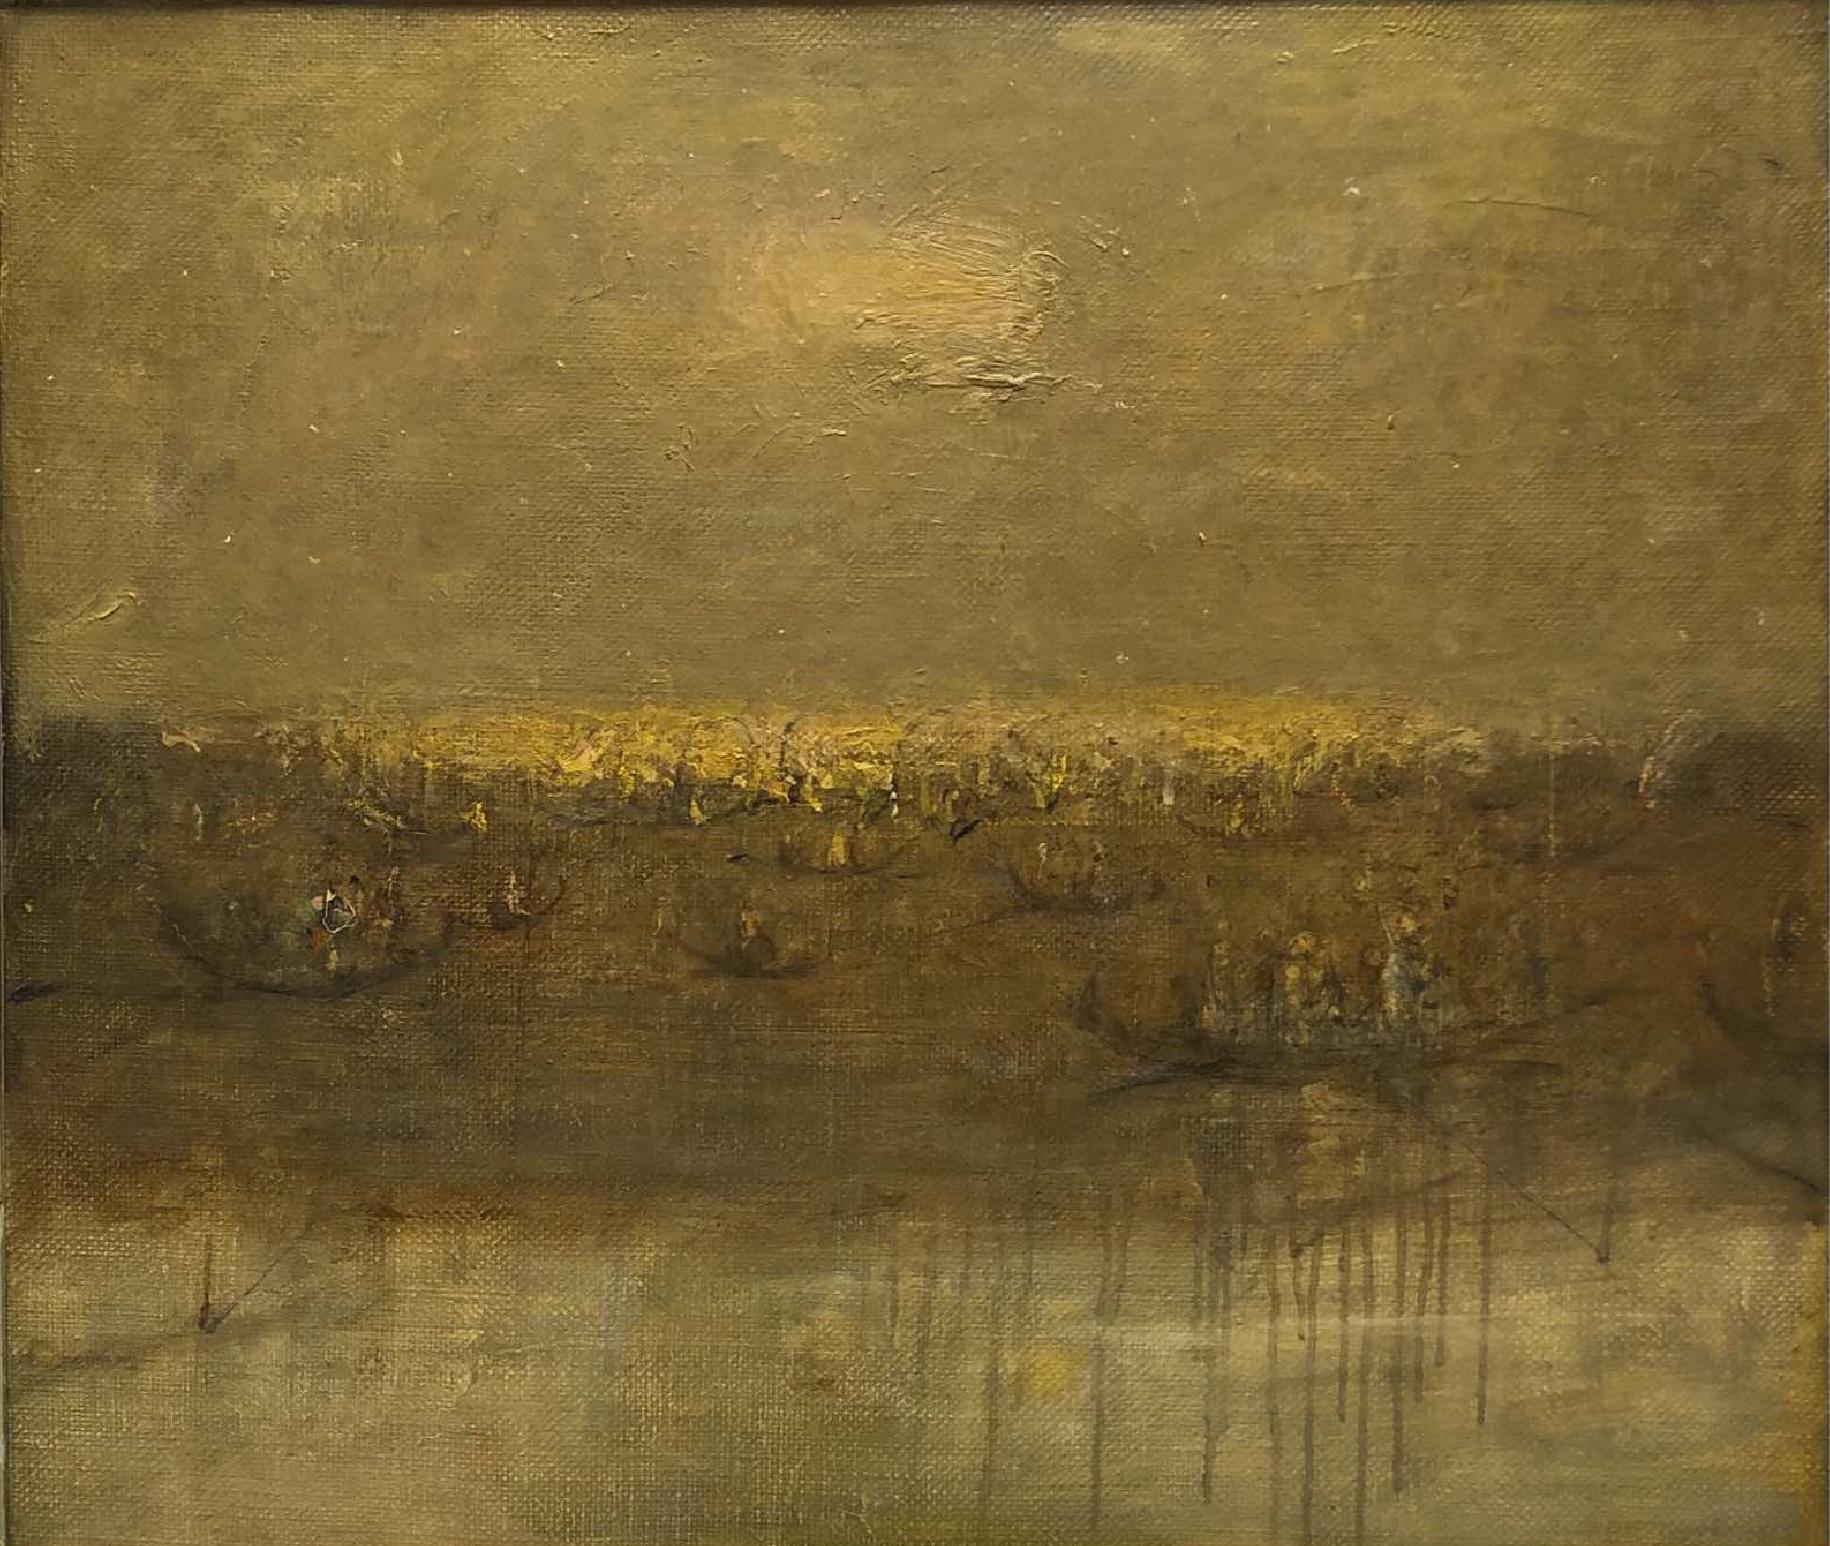 Image 3 Canvas oil 54x61cm-06